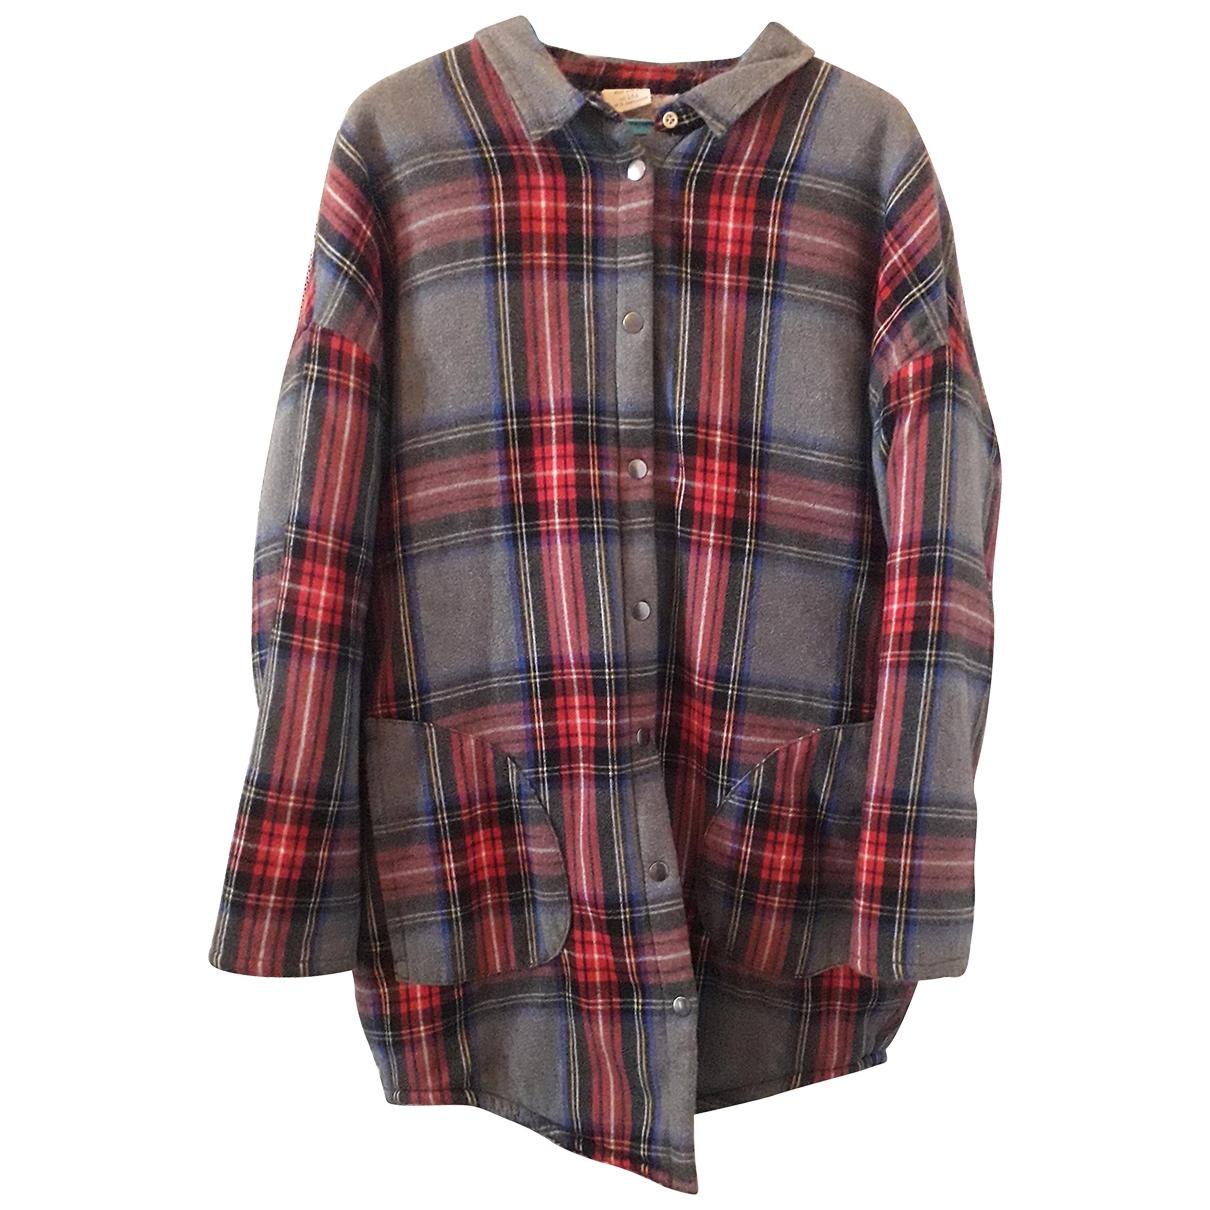 Zara - Blousons.Manteaux   pour enfant en laine - multicolore